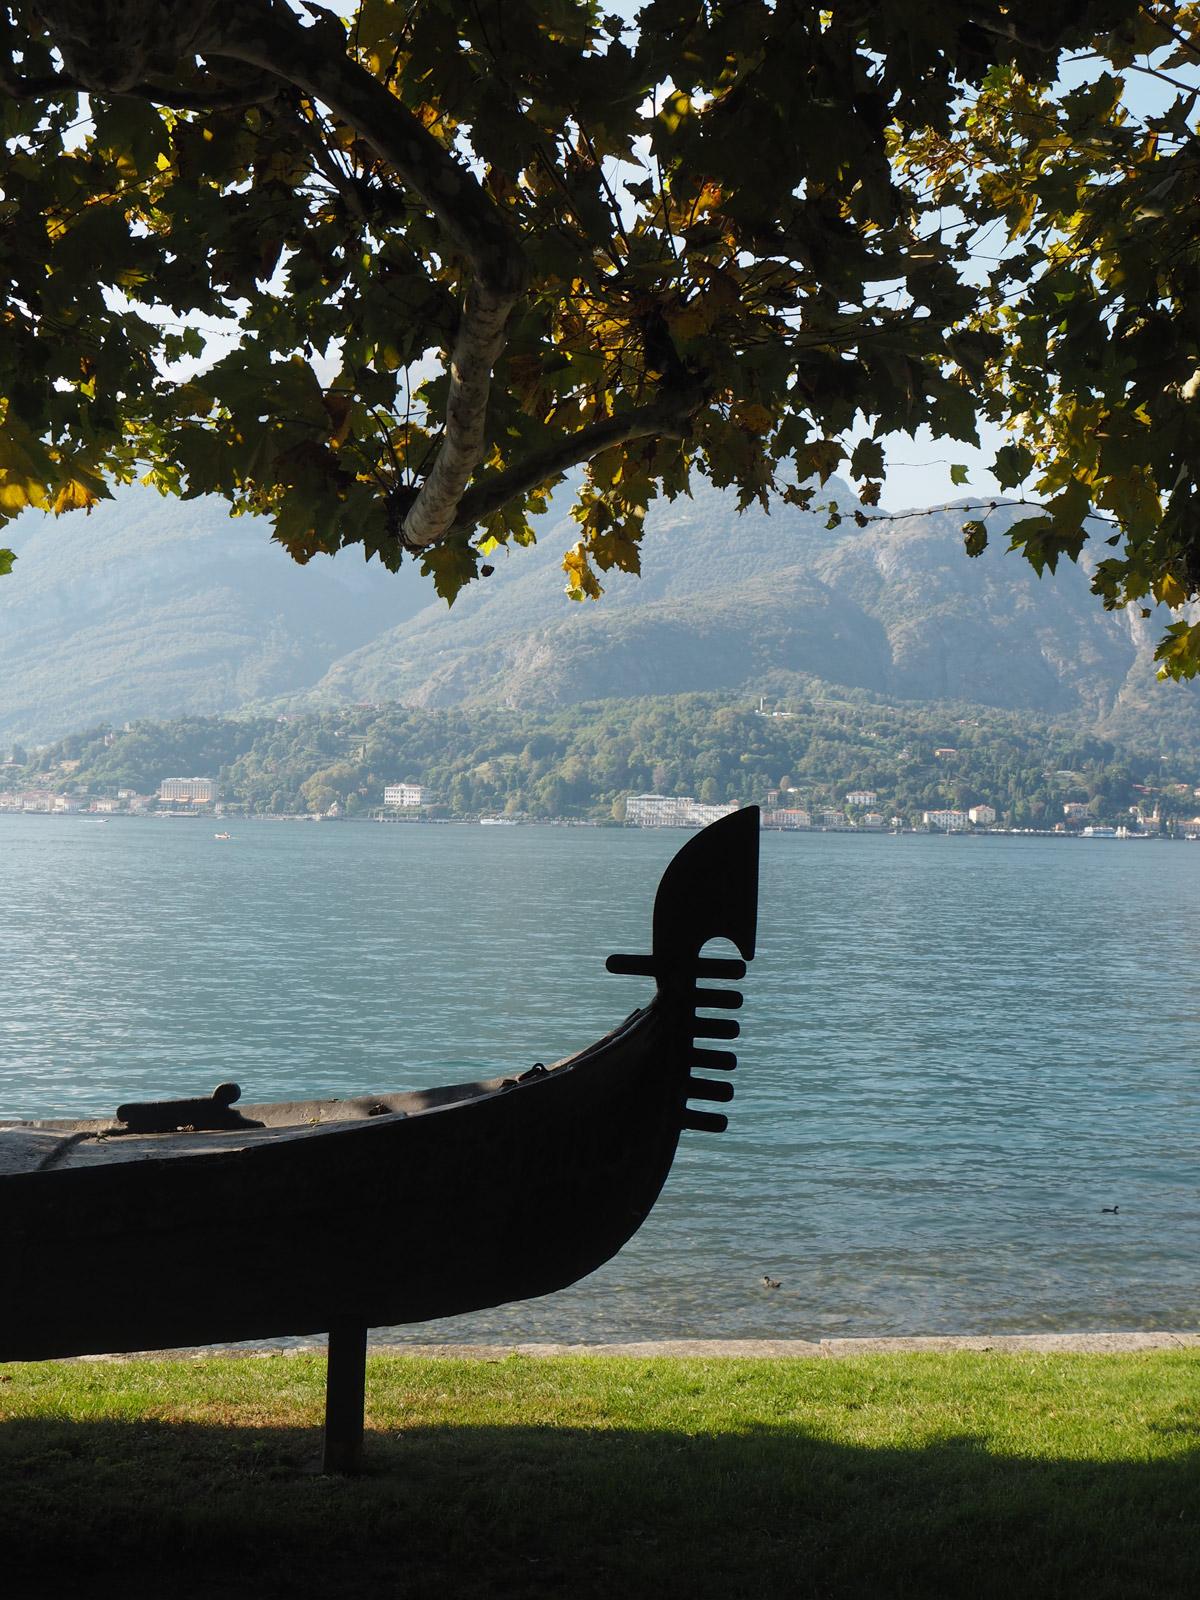 giardini-di-villa-melzi-boat